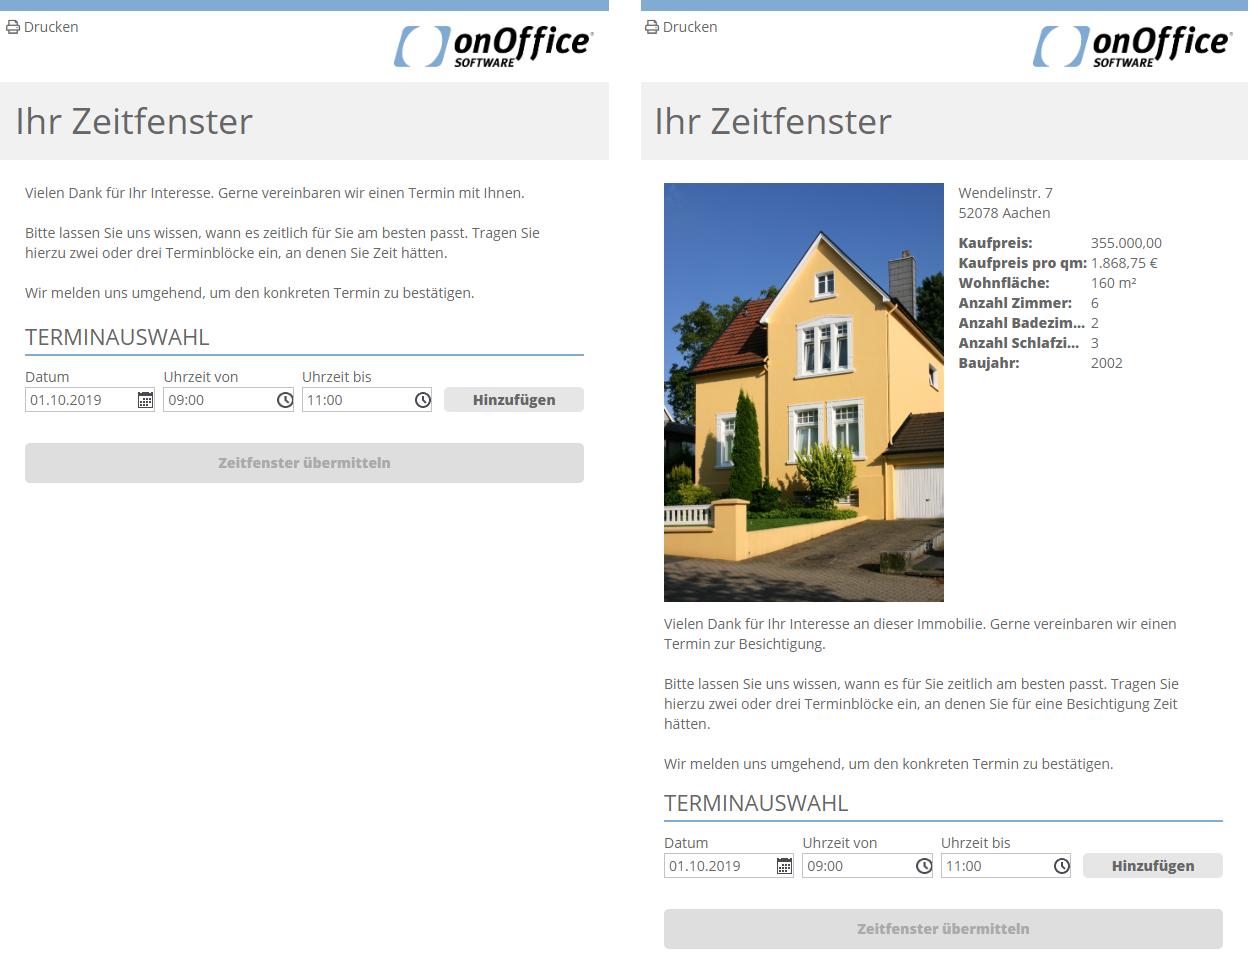 Webformular für Zeitfenster allgemein und bei Besichtigung